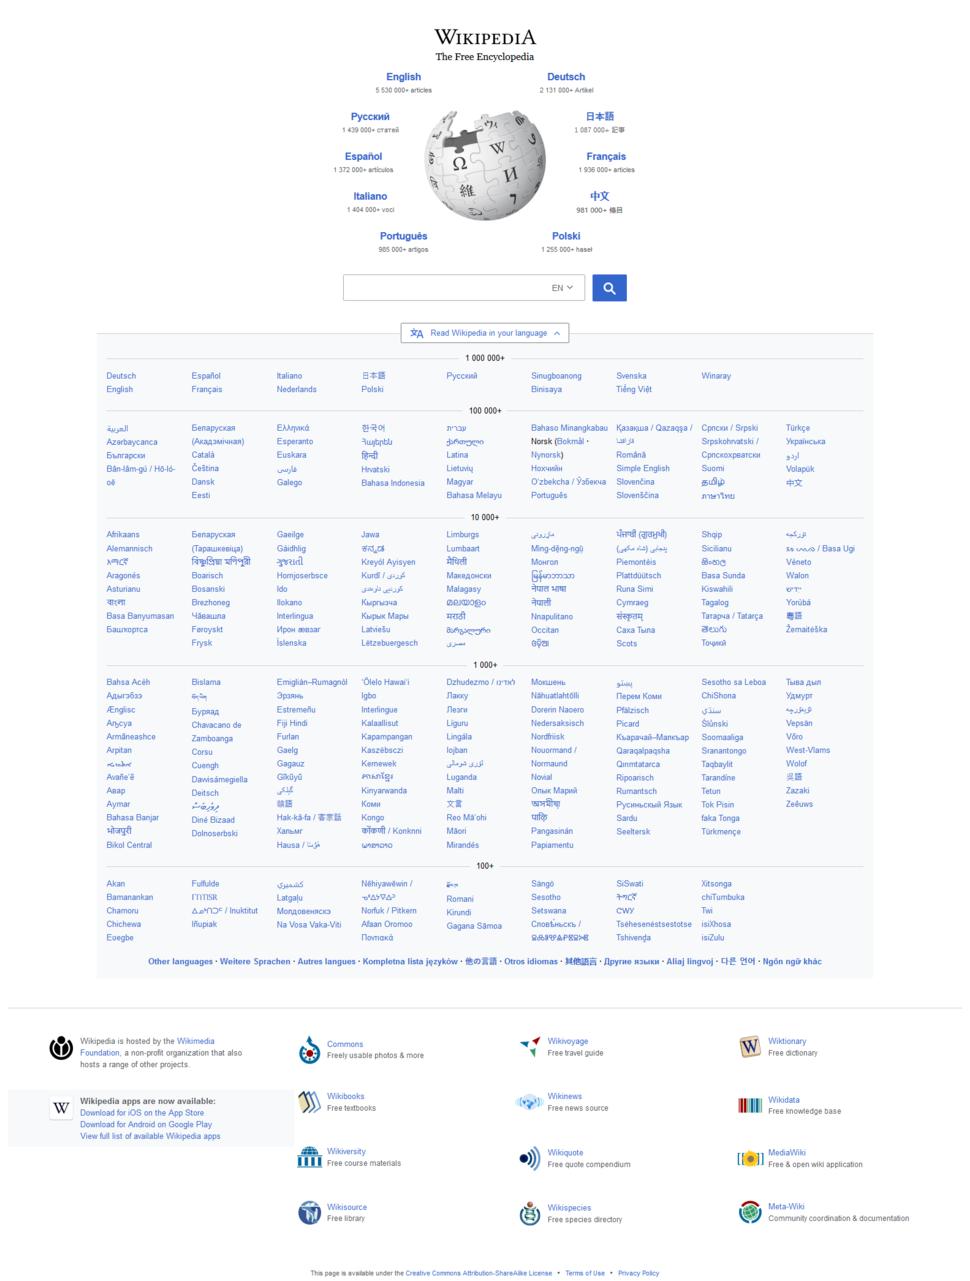 Www.wikipedia.org screenshot 2018